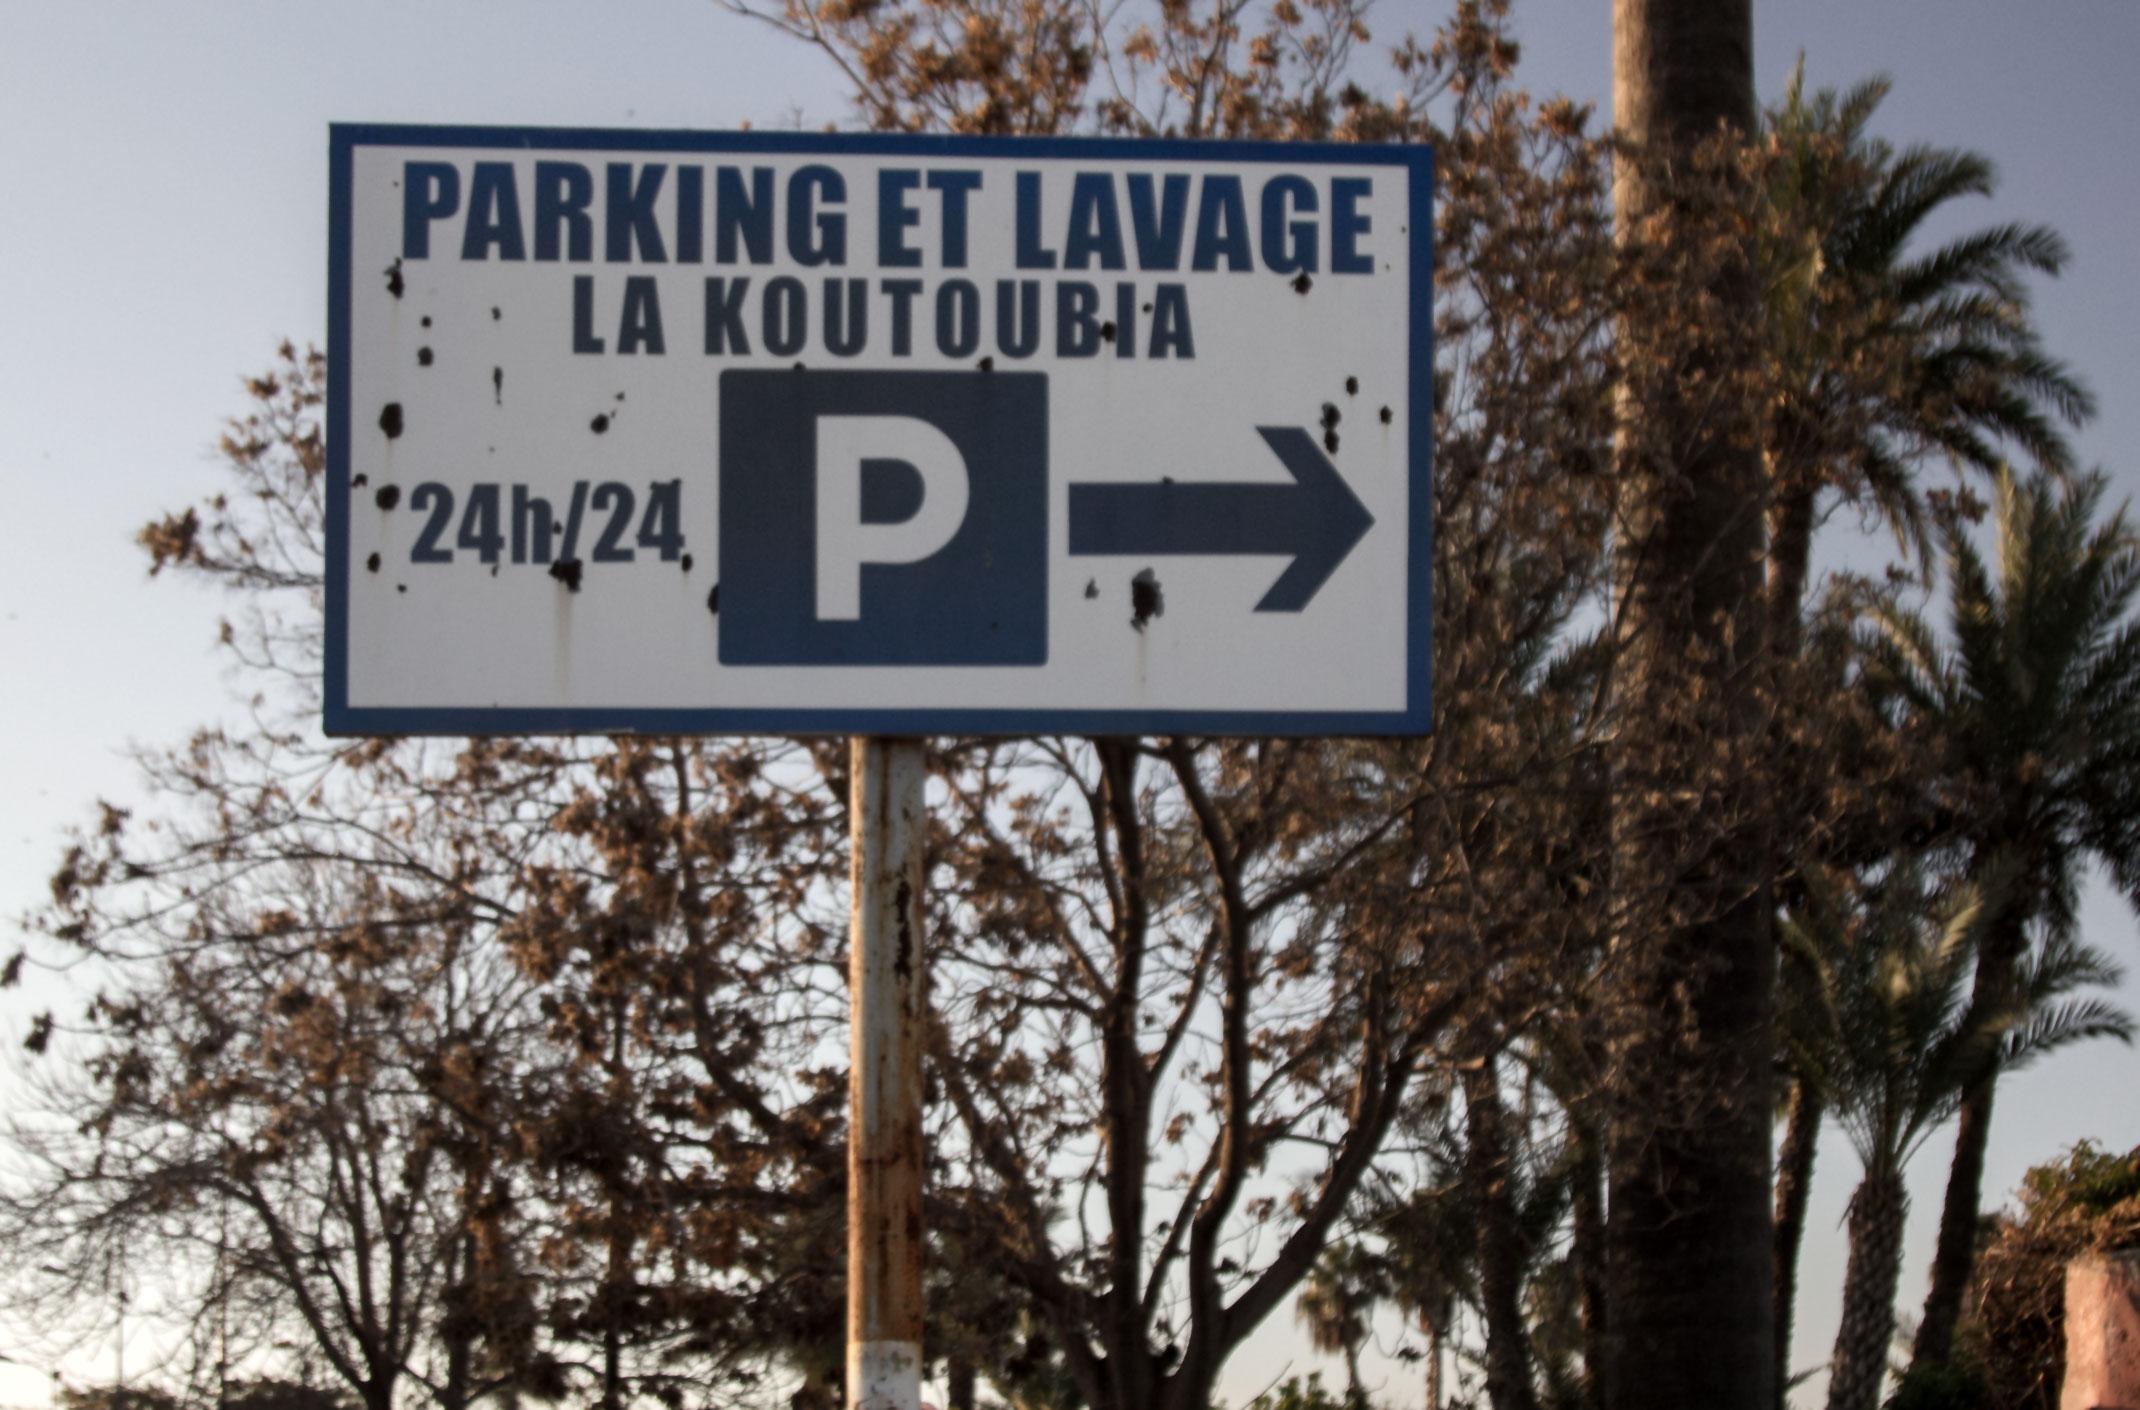 Parking Et Lavage La Koutoubia, Marakesz, Maroko